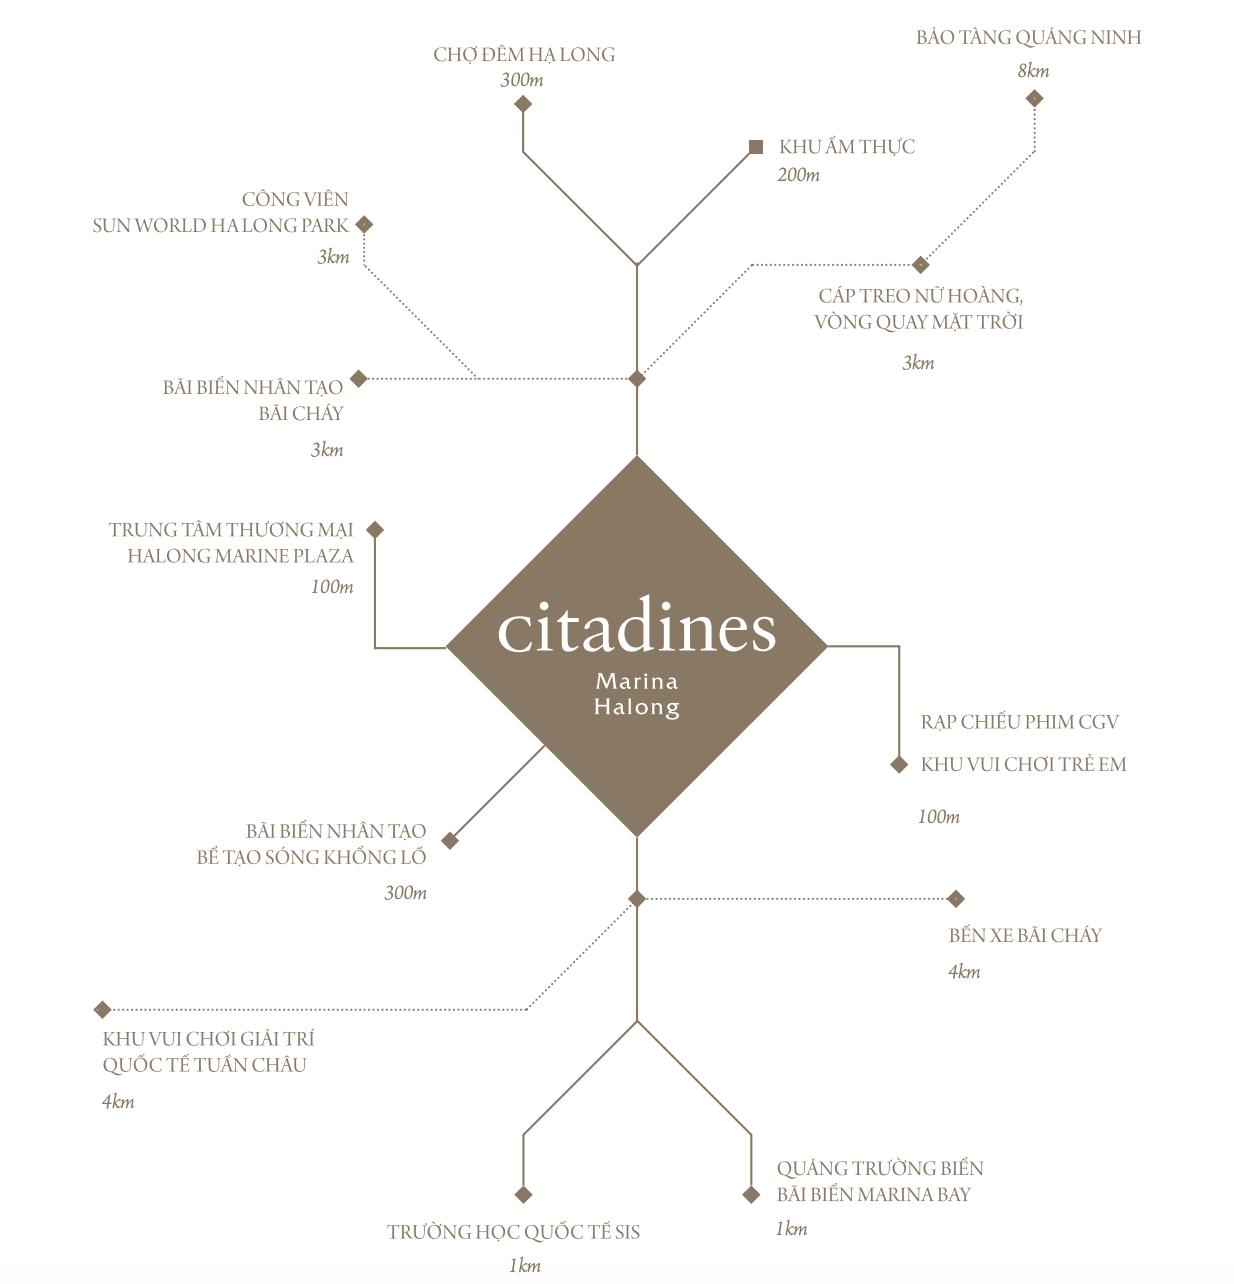 Căn hộ Hạ Long: Citadines Halong có vị trí chiến lược, khẳng định giá trị